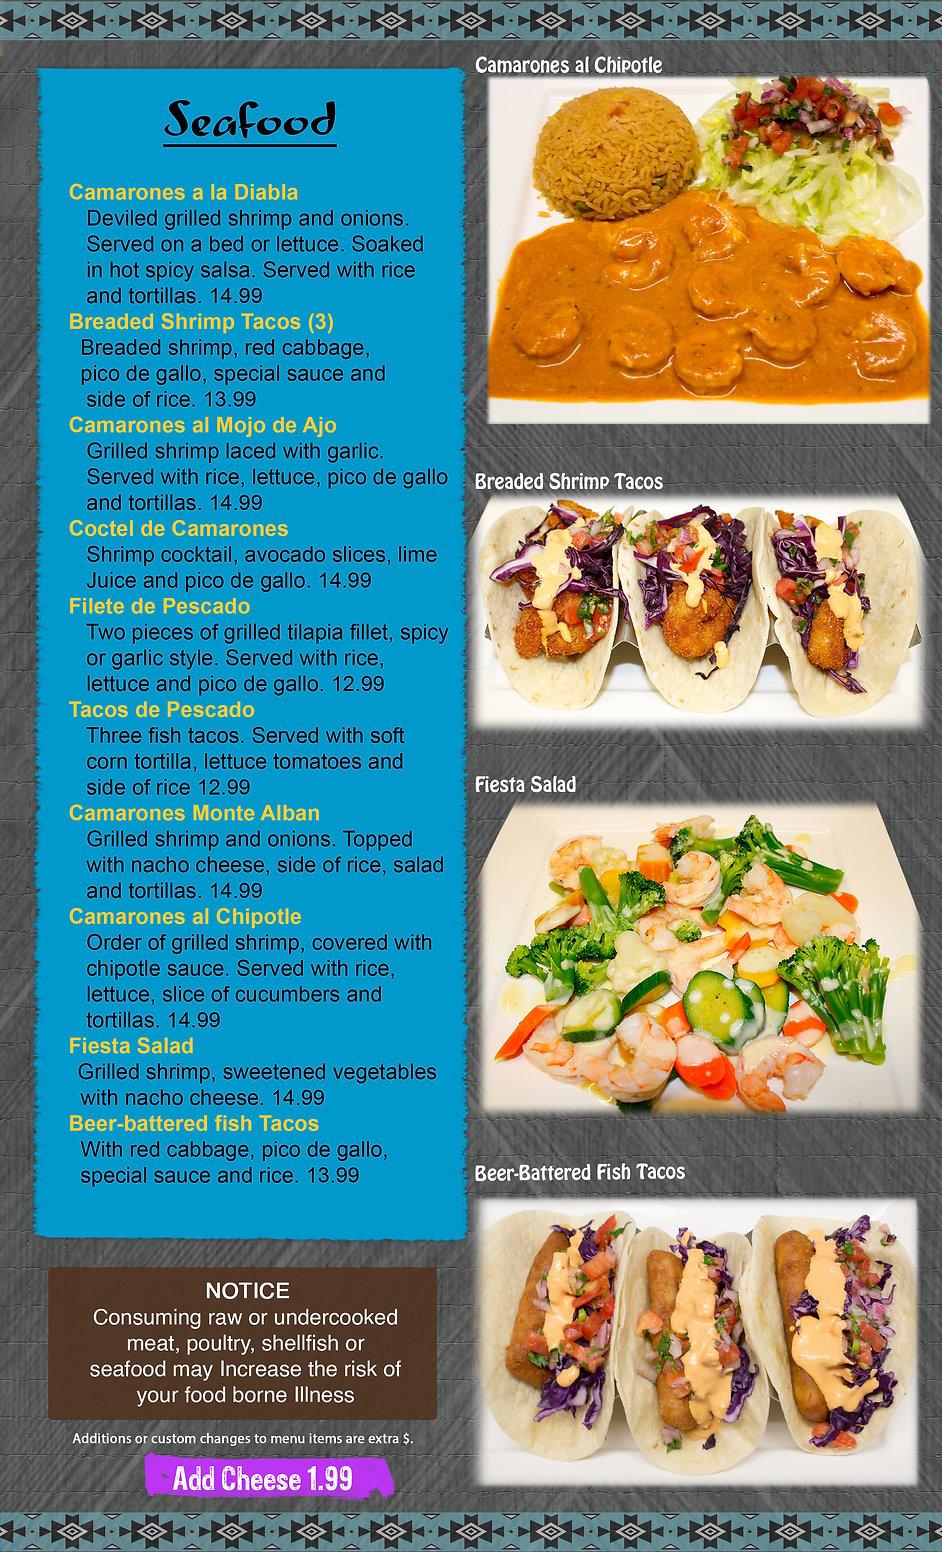 Seafood 8.jpg